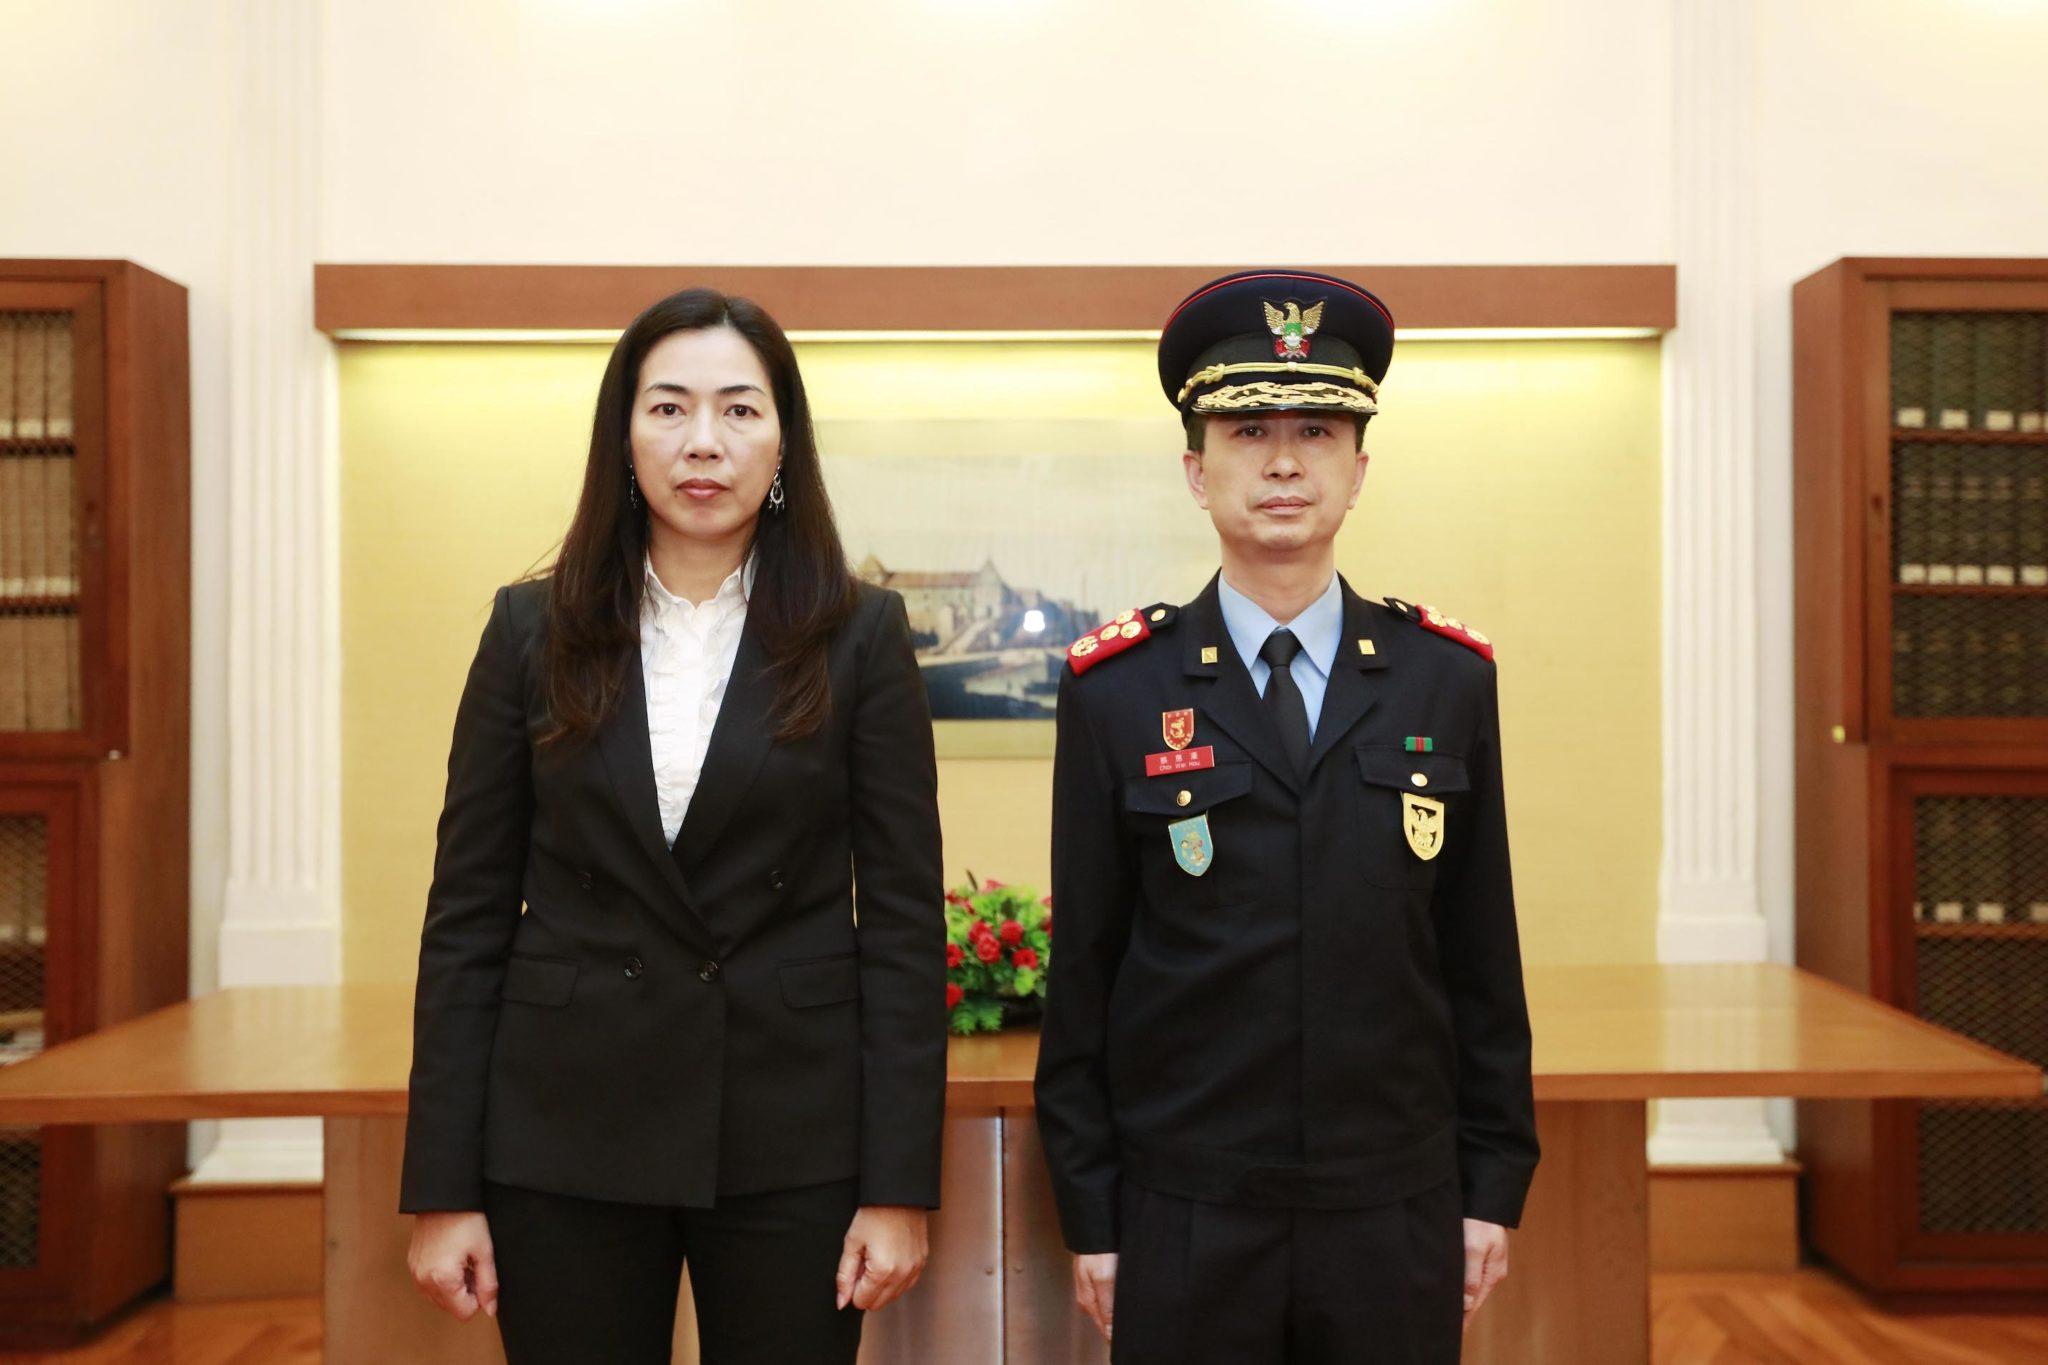 Choi Wai Hou é o novo subdirector das Forças de Segurança